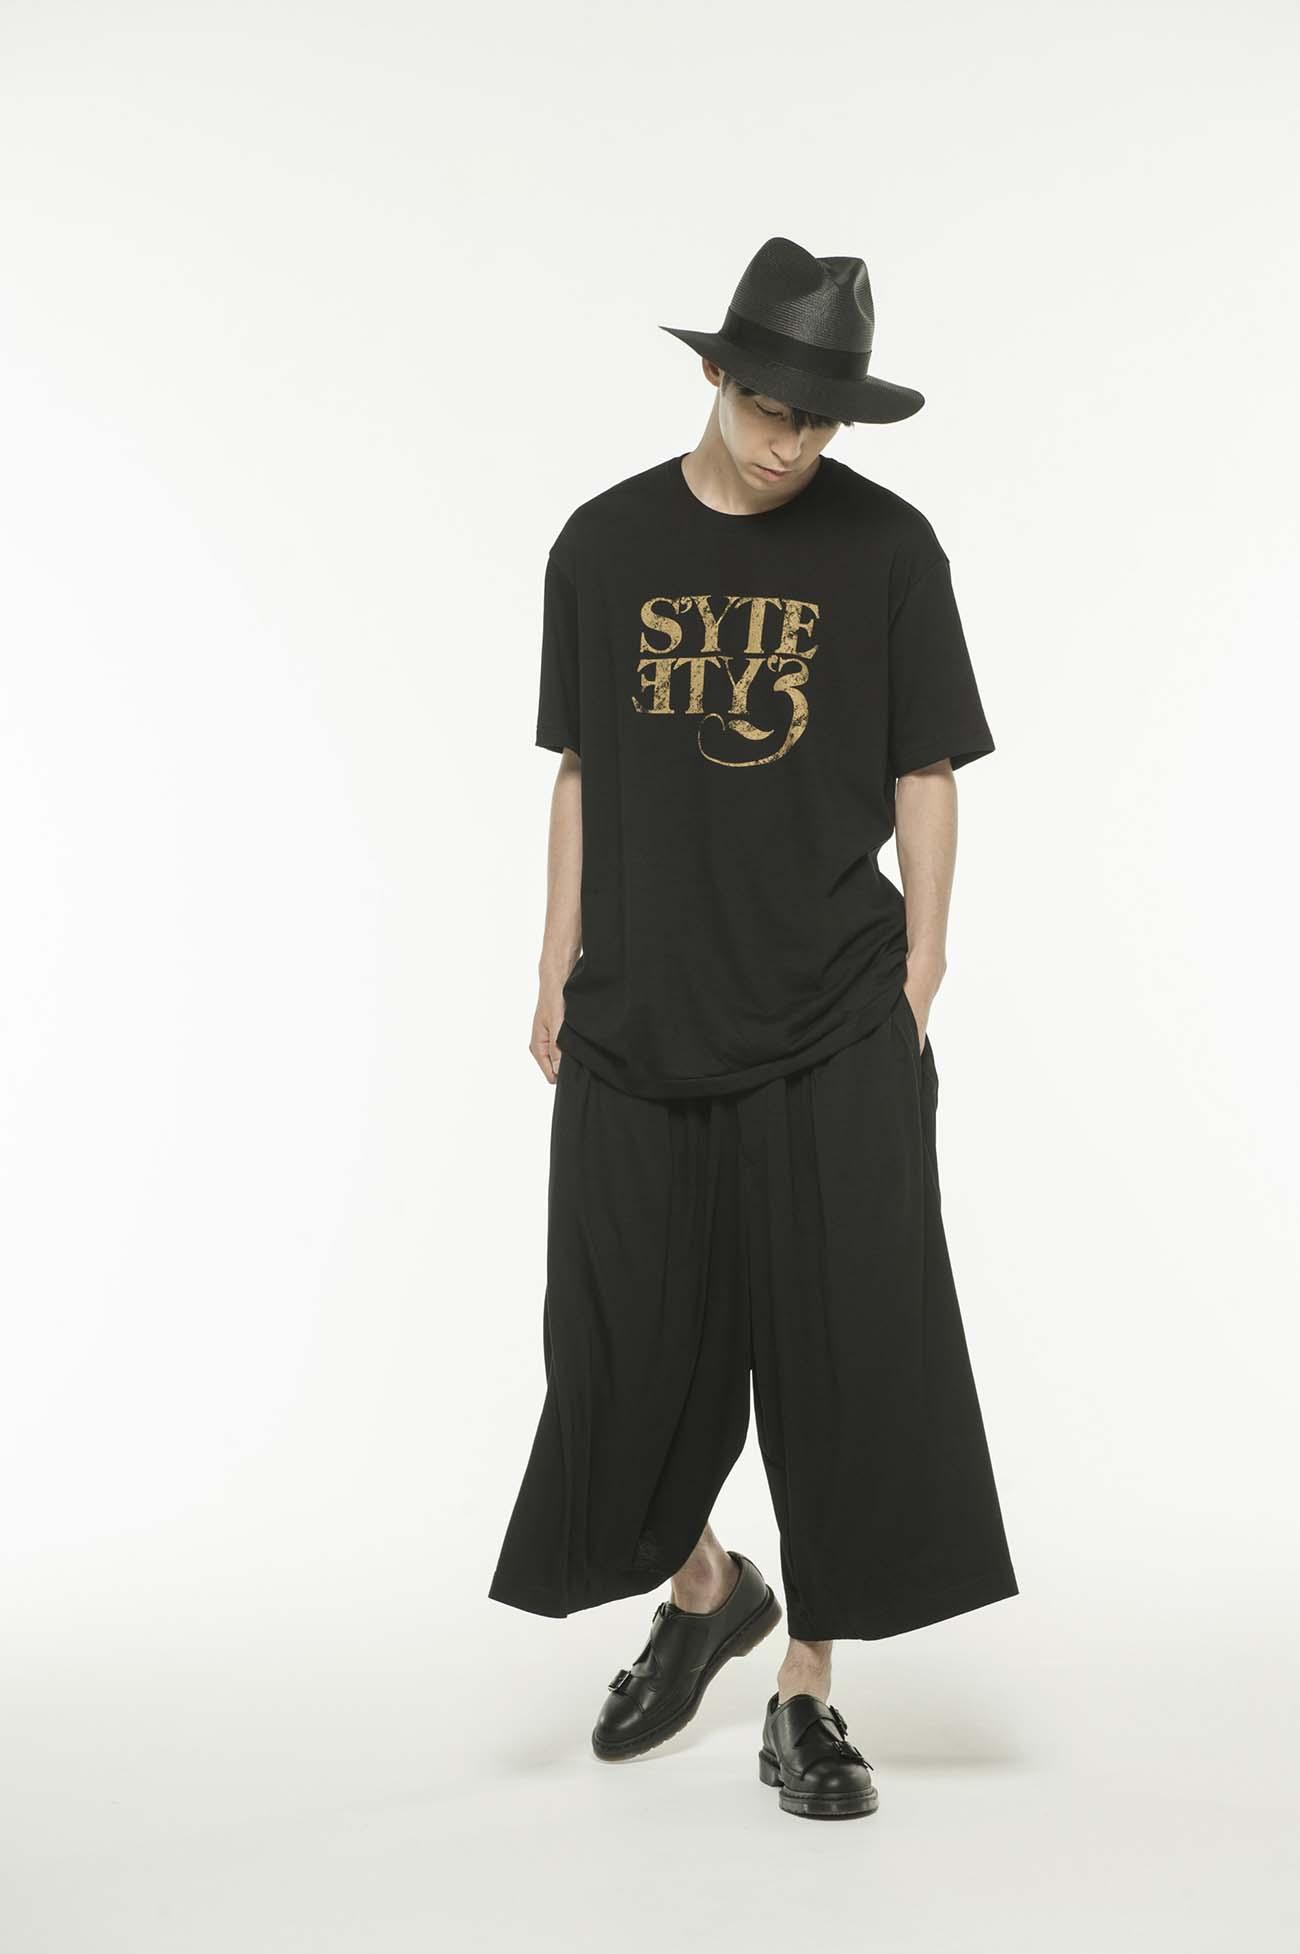 20 /纯棉针织S'YTE WALTZ T恤